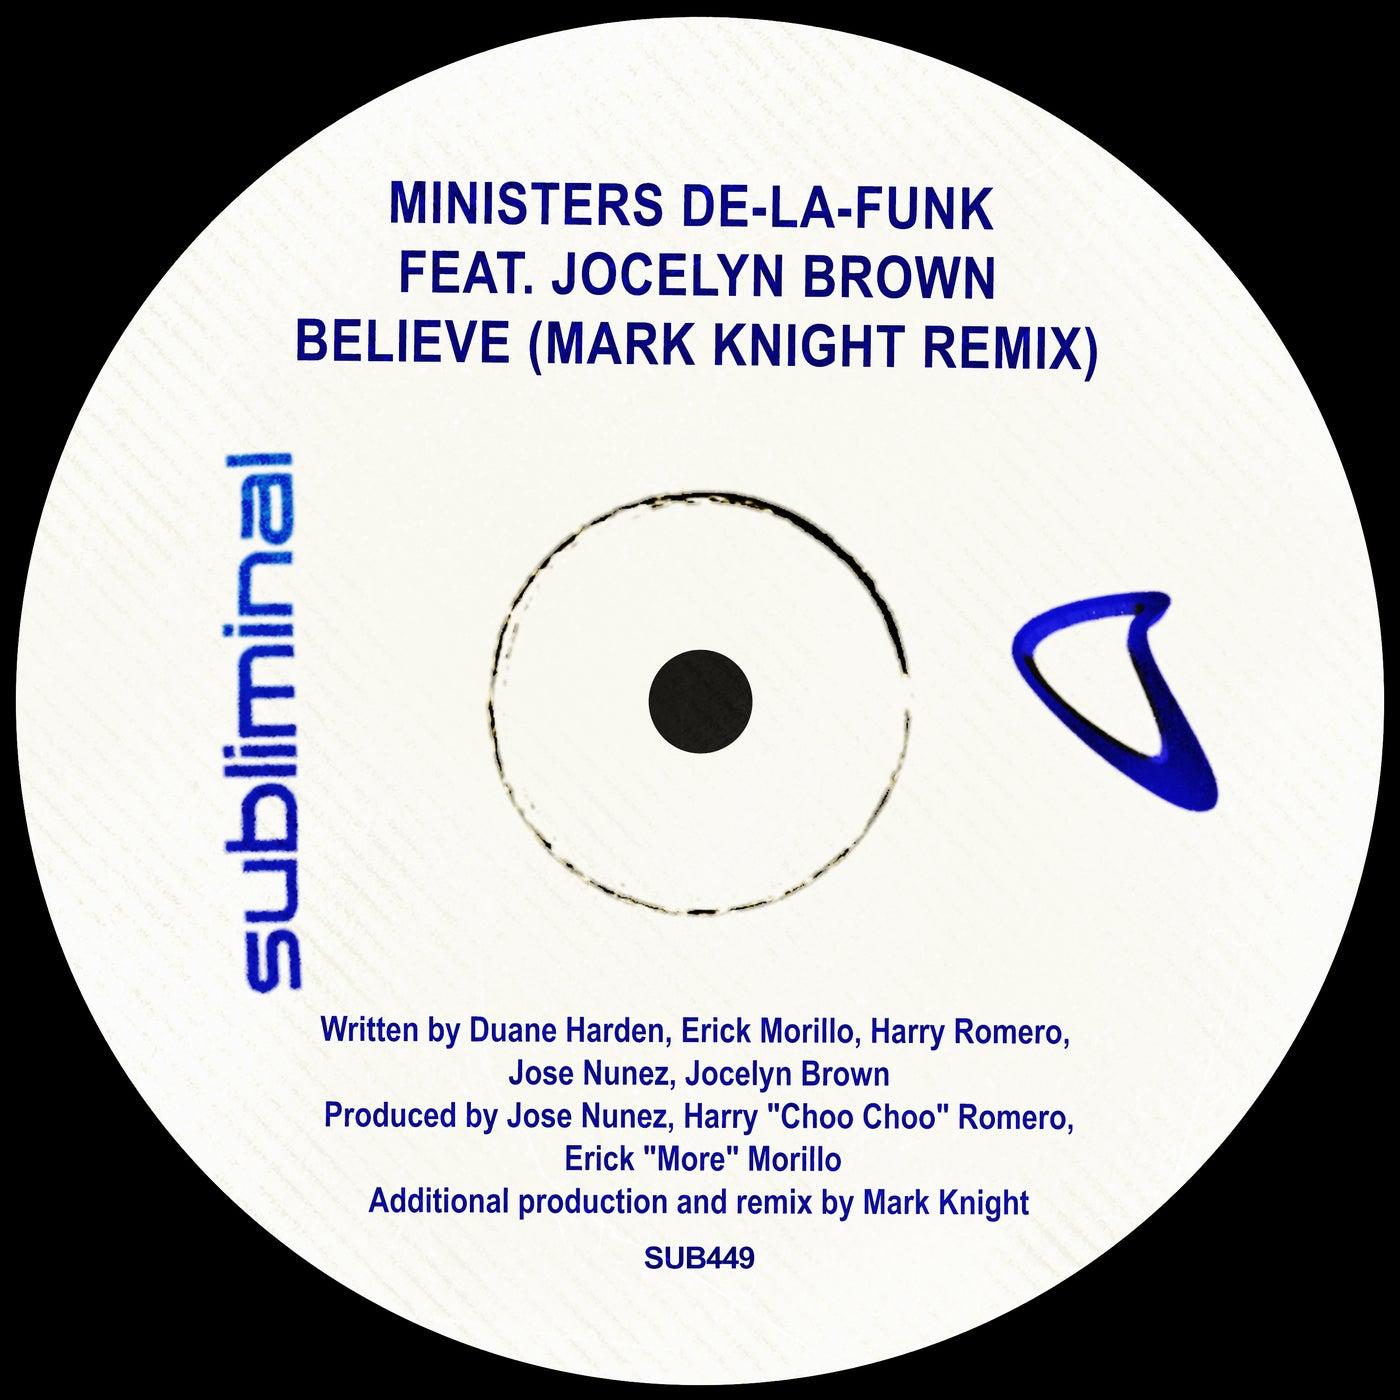 Believe feat. Jocelyn Brown (Mark Knight Extended Remix)